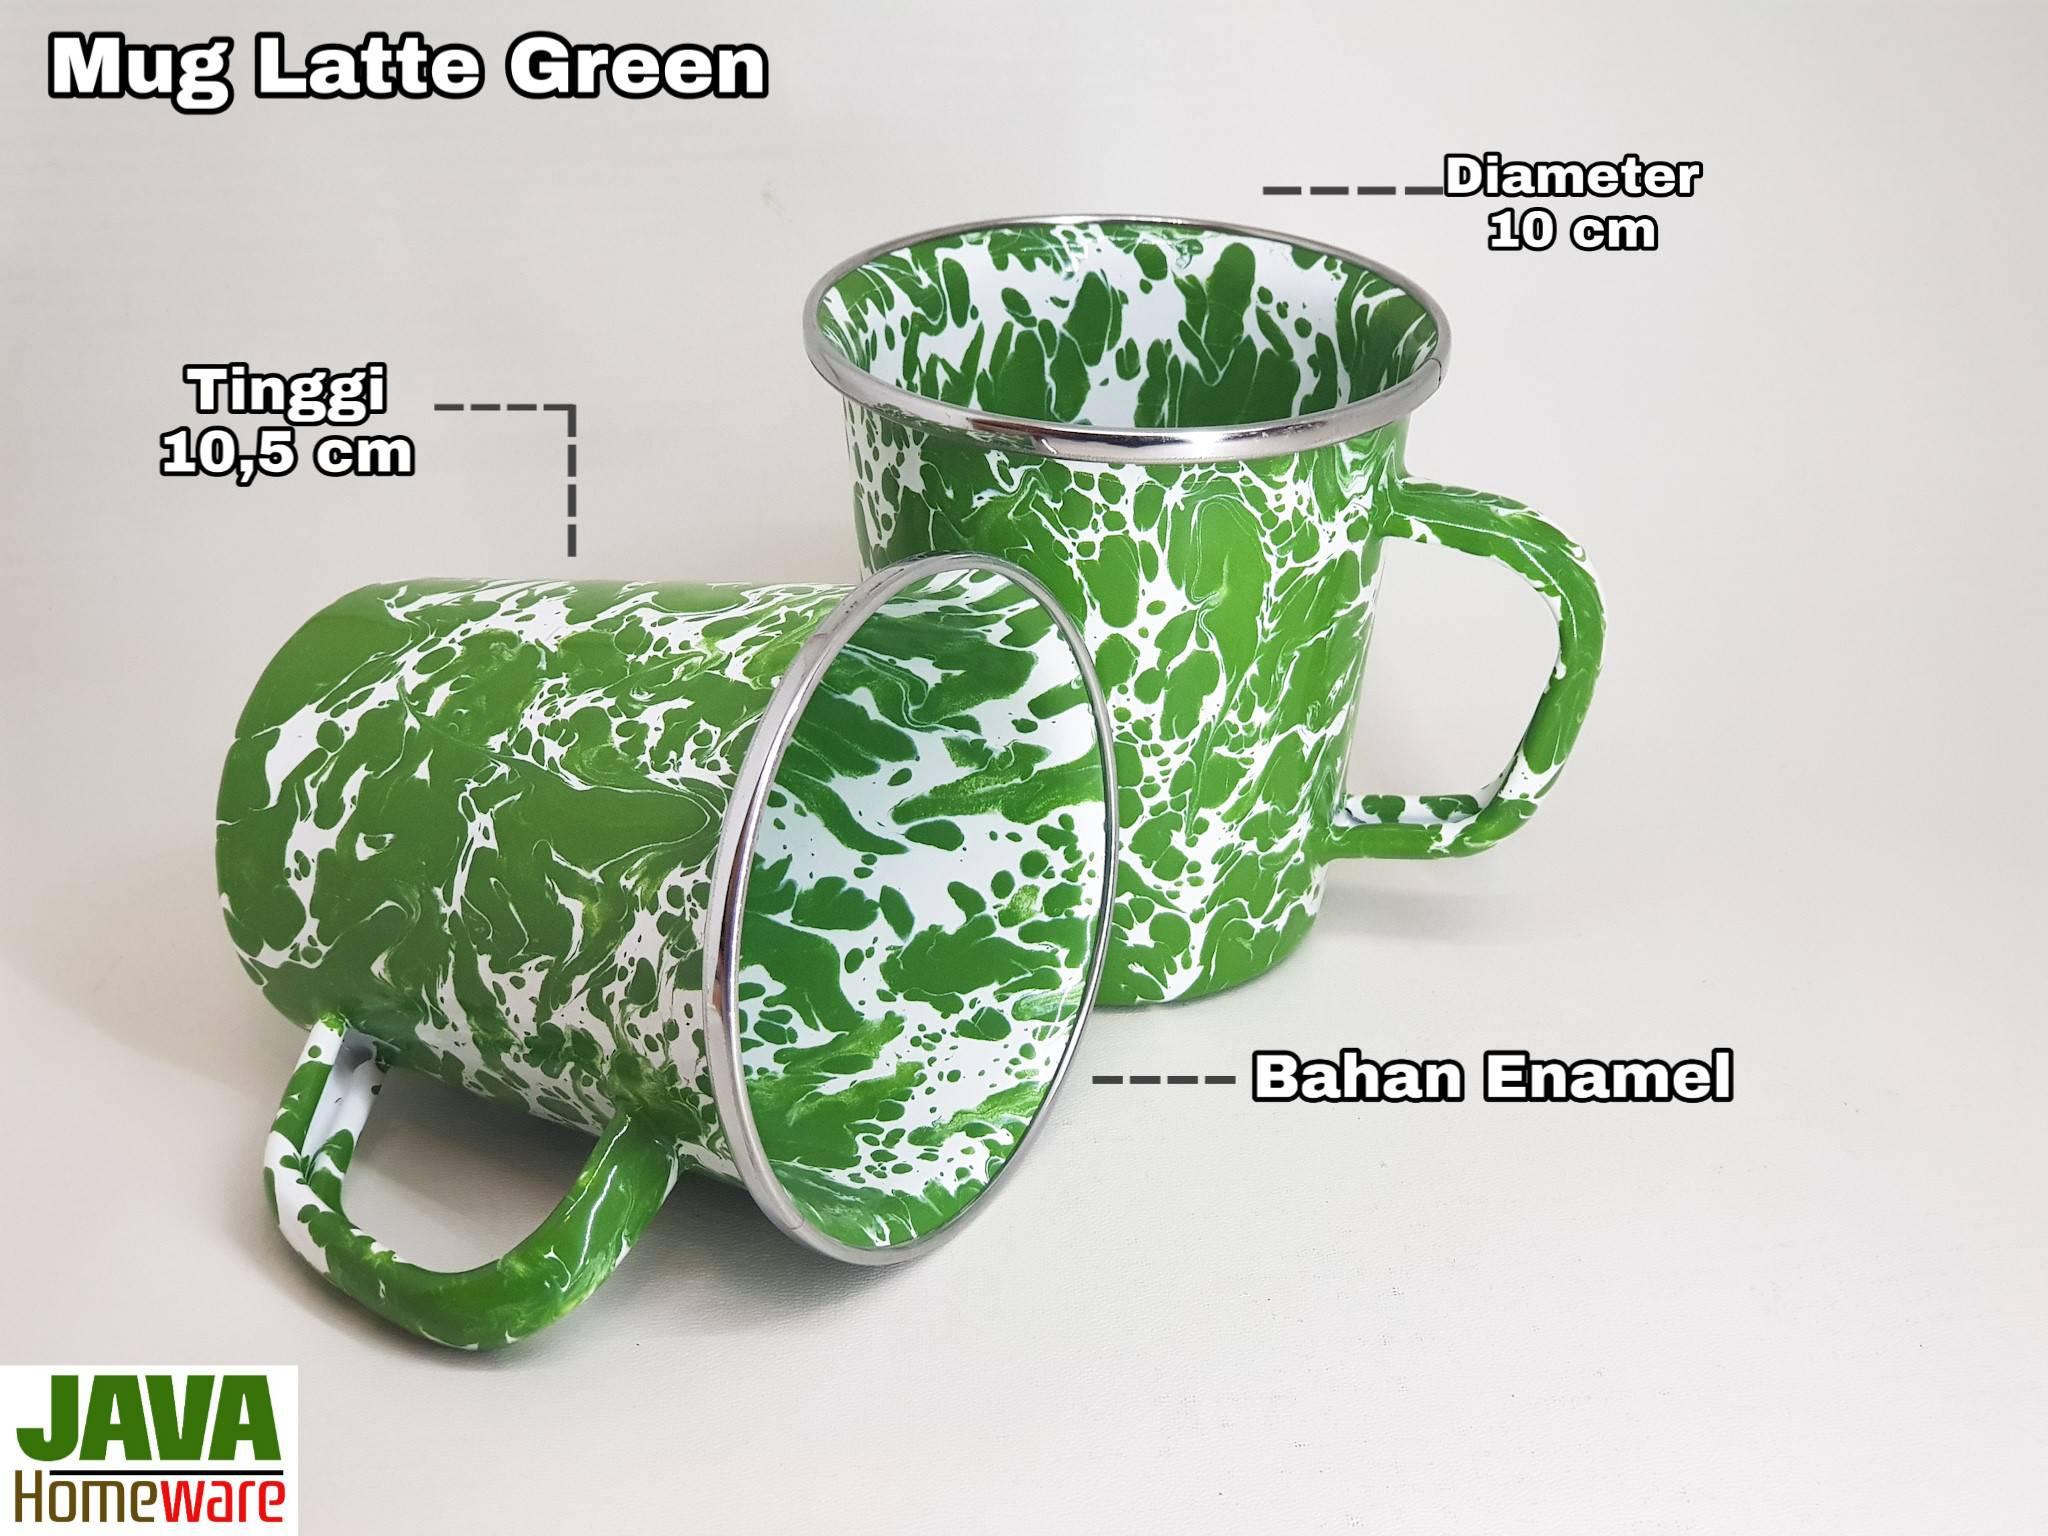 Mug Latte Green